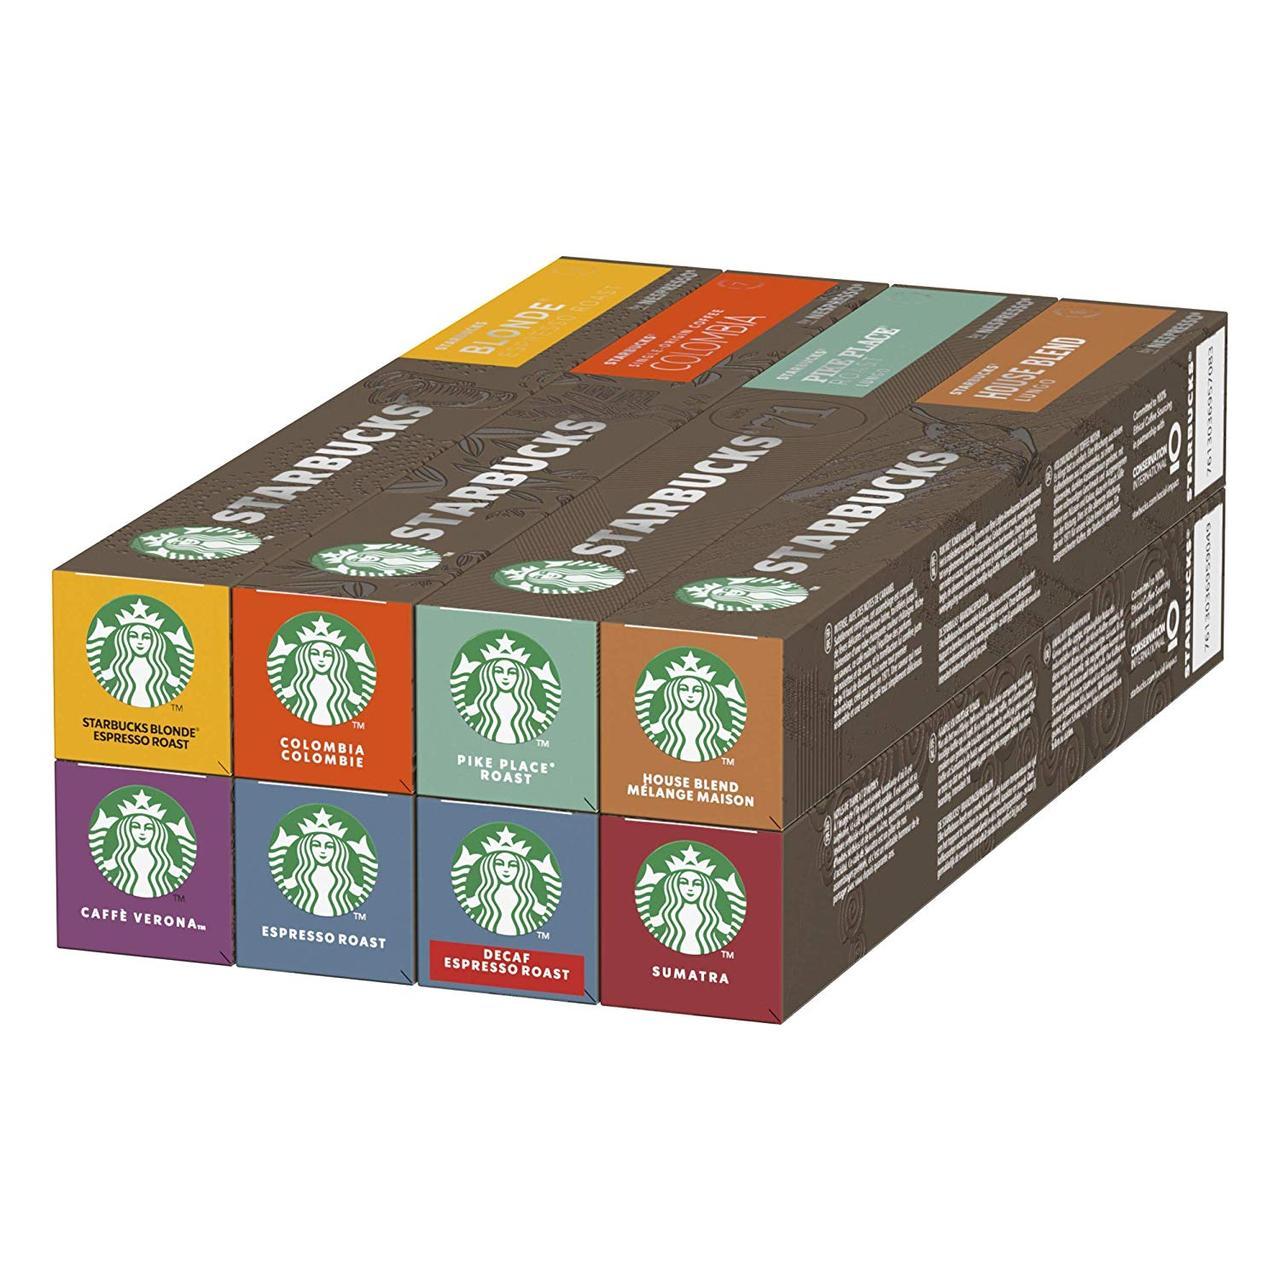 160грн/шт Кофе в капсулах Nespresso Starbucks Assorti -Неспрессо Старбакс Ассорти (8 видов тубусов по 10 капс)